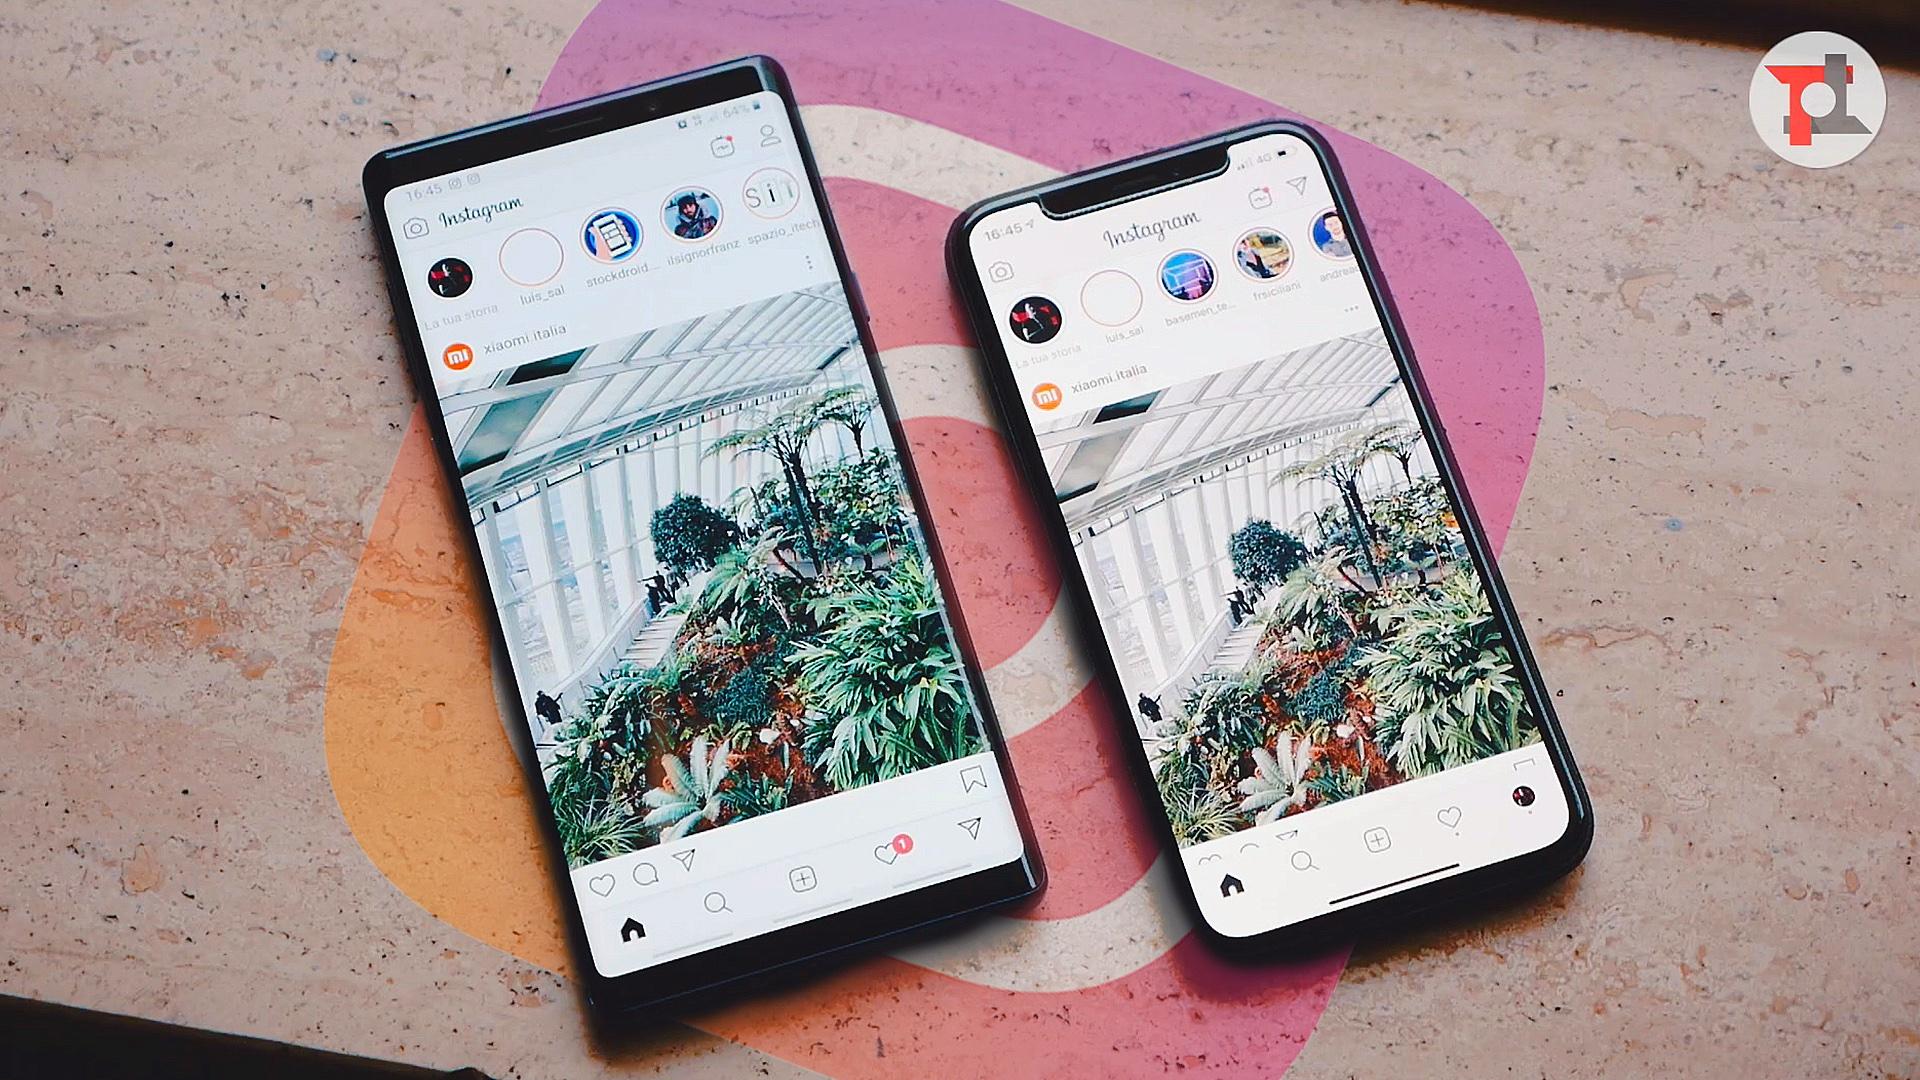 Instagram Funziona Meglio Su Iphone O Su Android Ecco Tutte Le